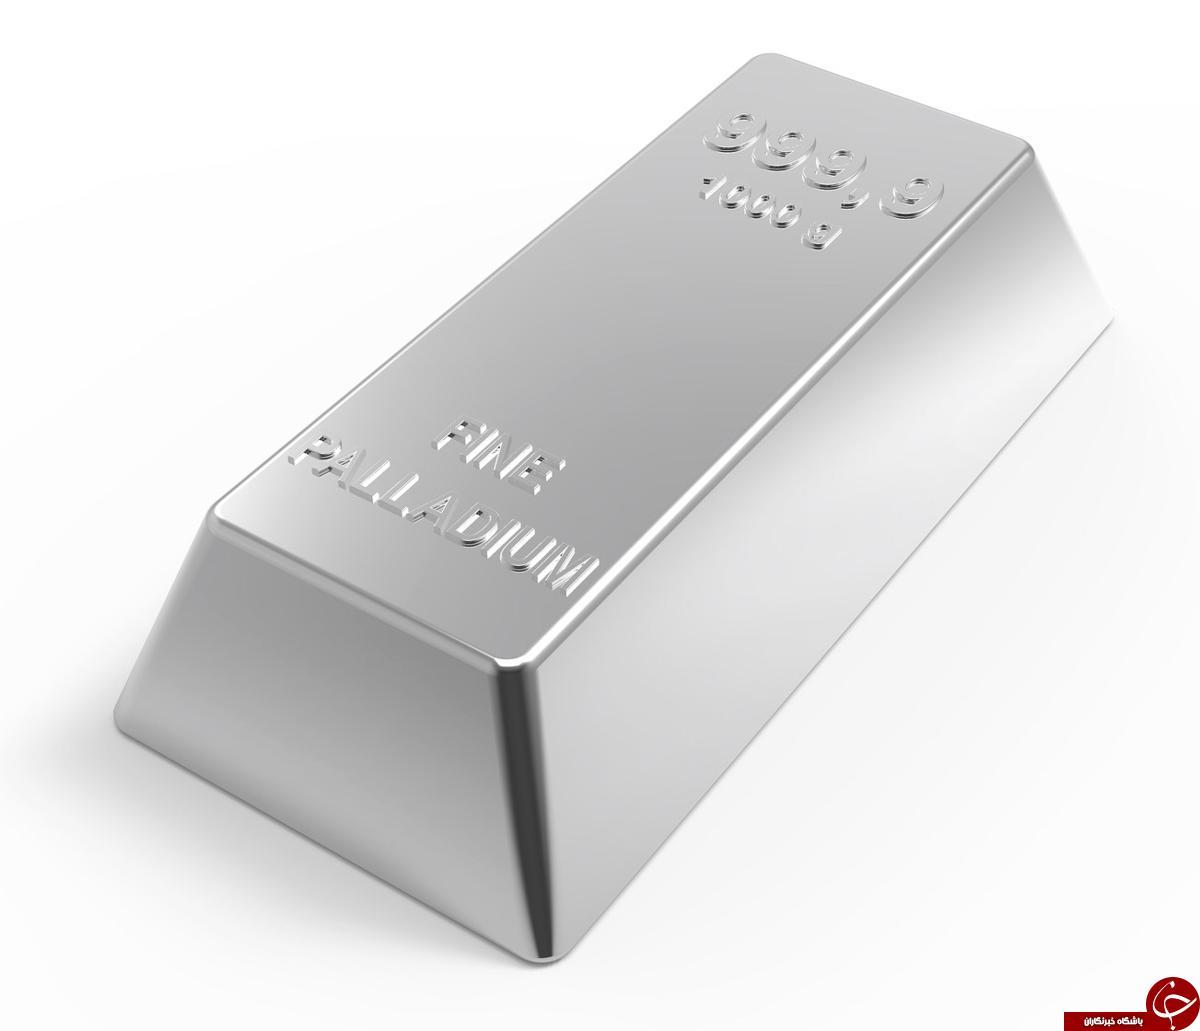 با پالادیوم؛ یکی از گرانترین فلزات دنیا آشنا شوید! / معرفی کاربردهای اعجاب انگیز پالادیم؛ از دندان پزشکی تا الکترونیک!